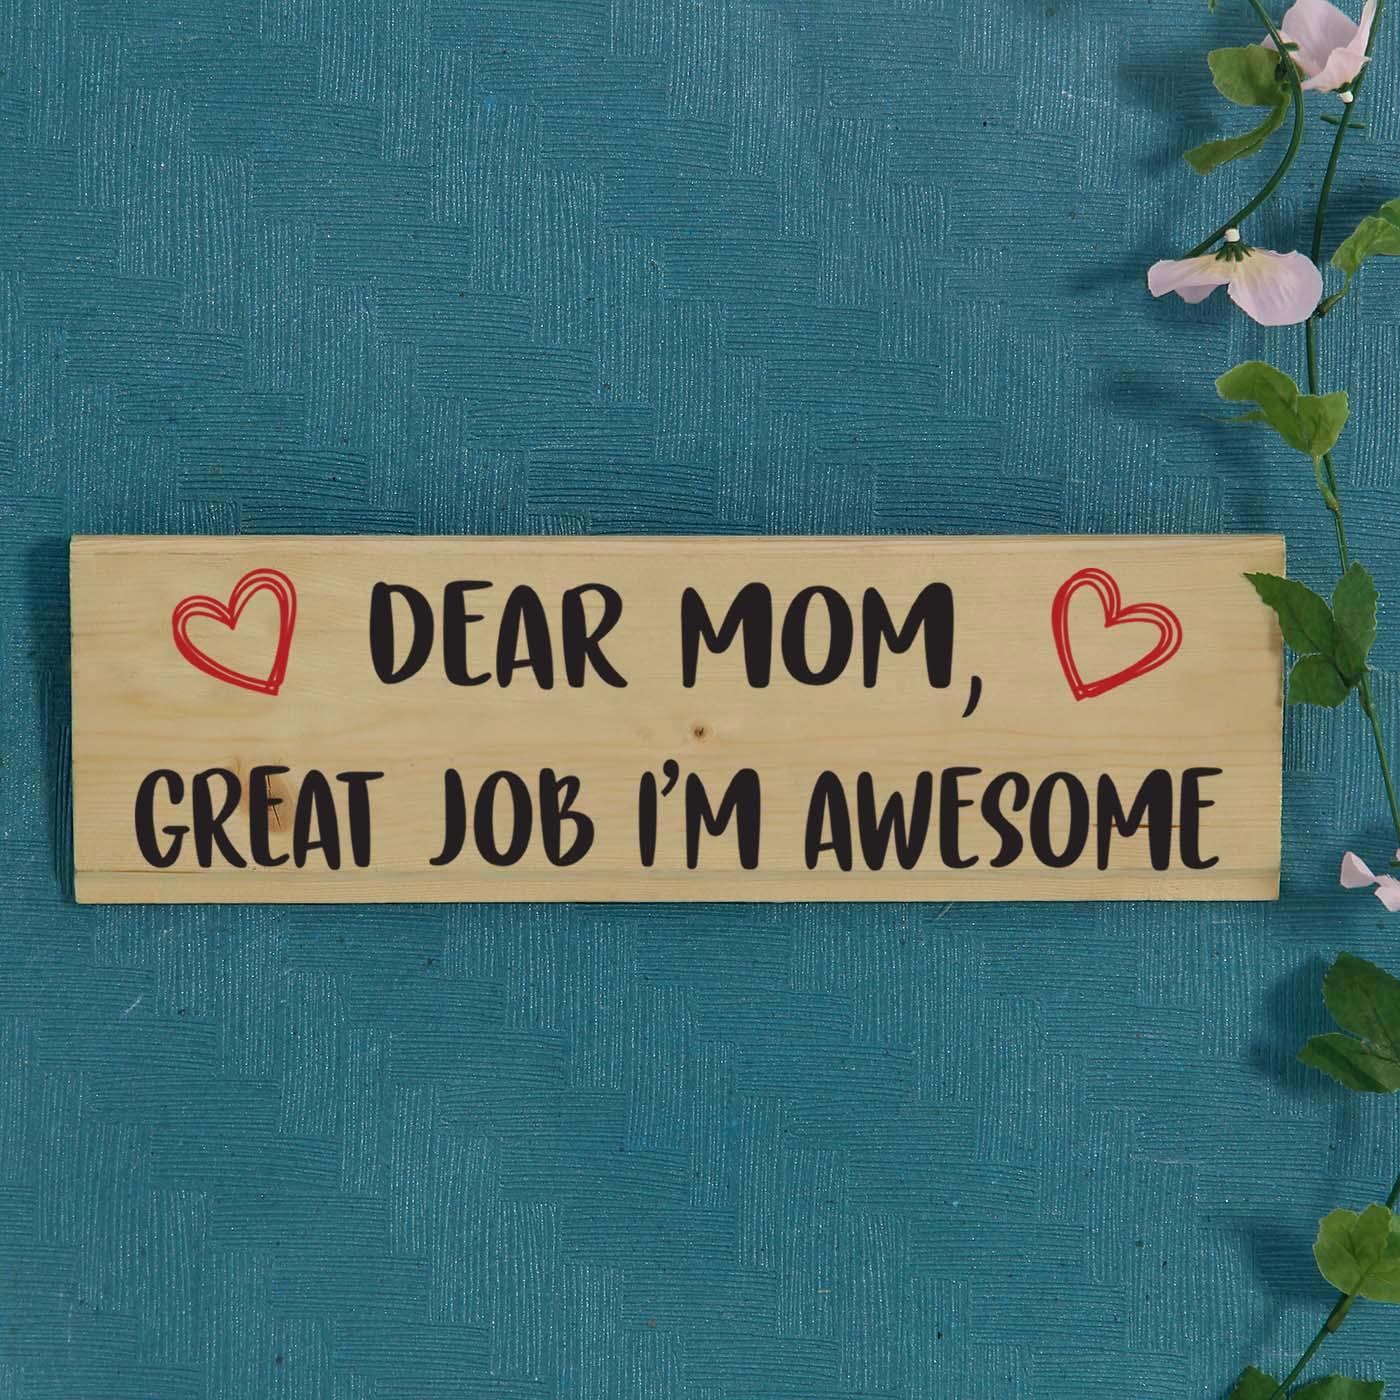 Dear Mom Wooden Pallet